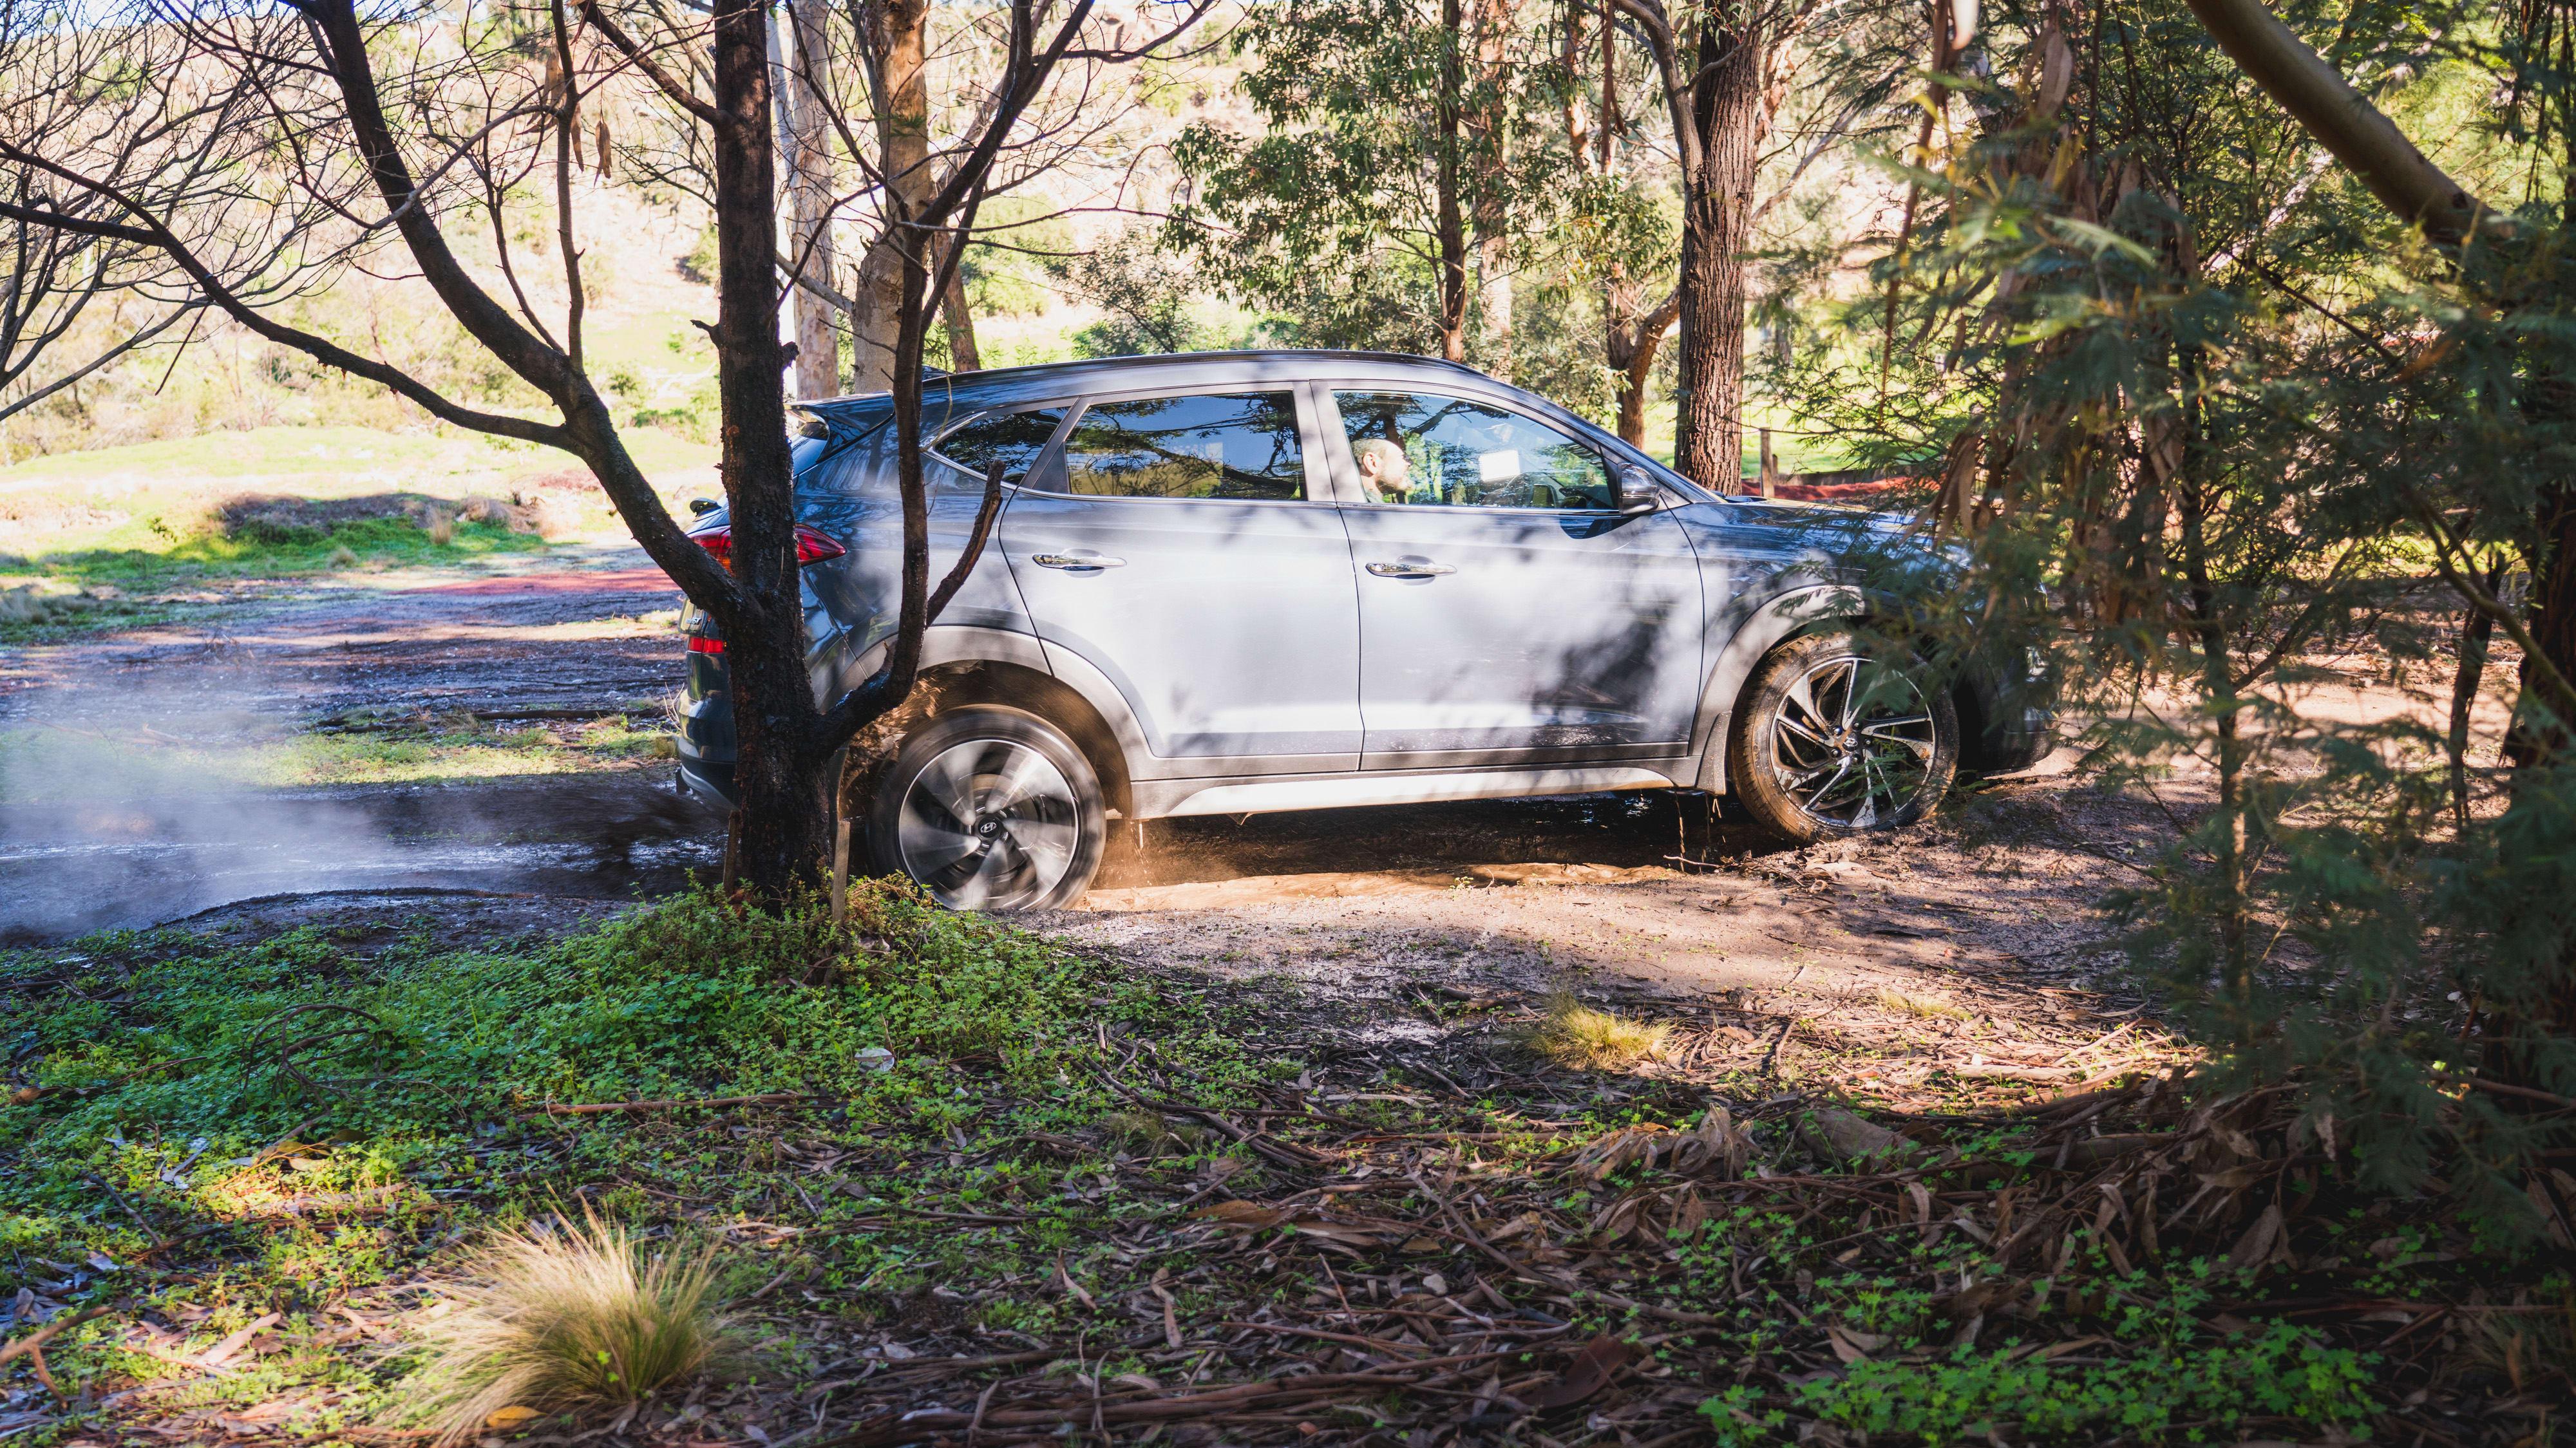 Medium SUV off-road test: Toyota RAV4, Holden Equinox, Mazda CX-5